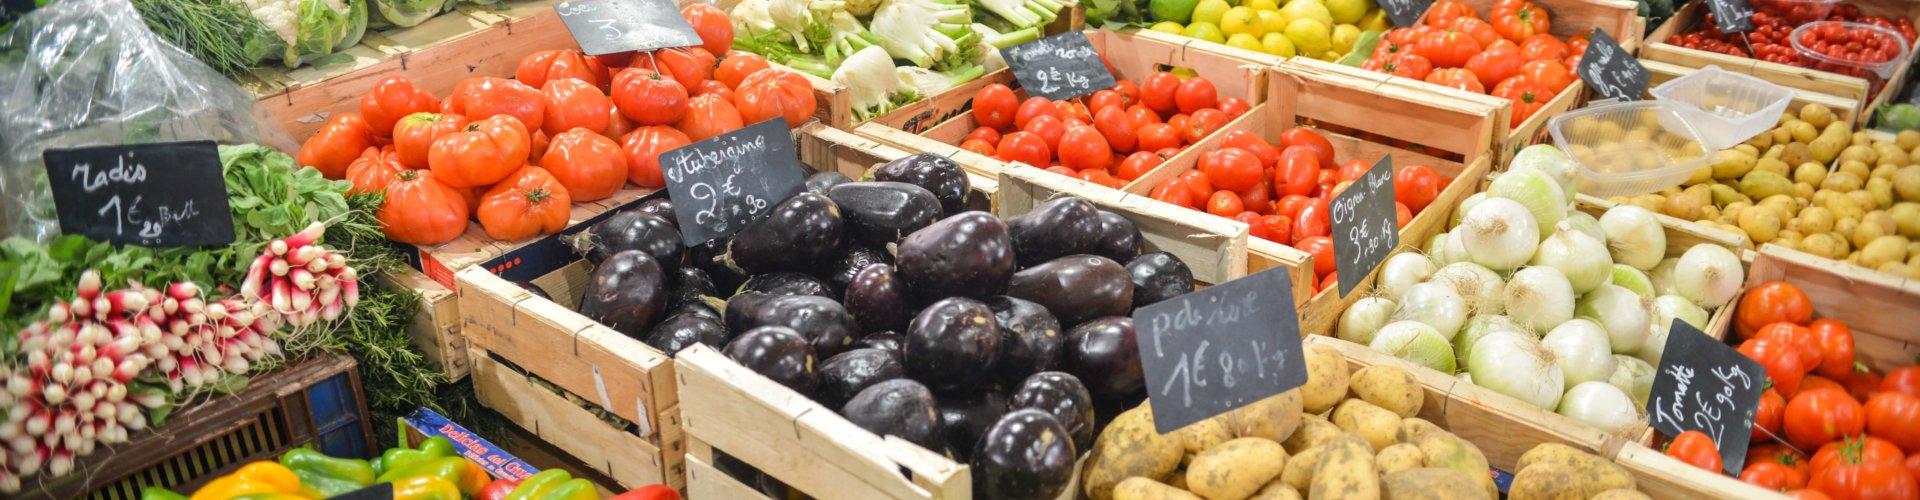 Lebensmittelunverträglichkeiten Lebensmittelsensitivitäten Immunreaktion